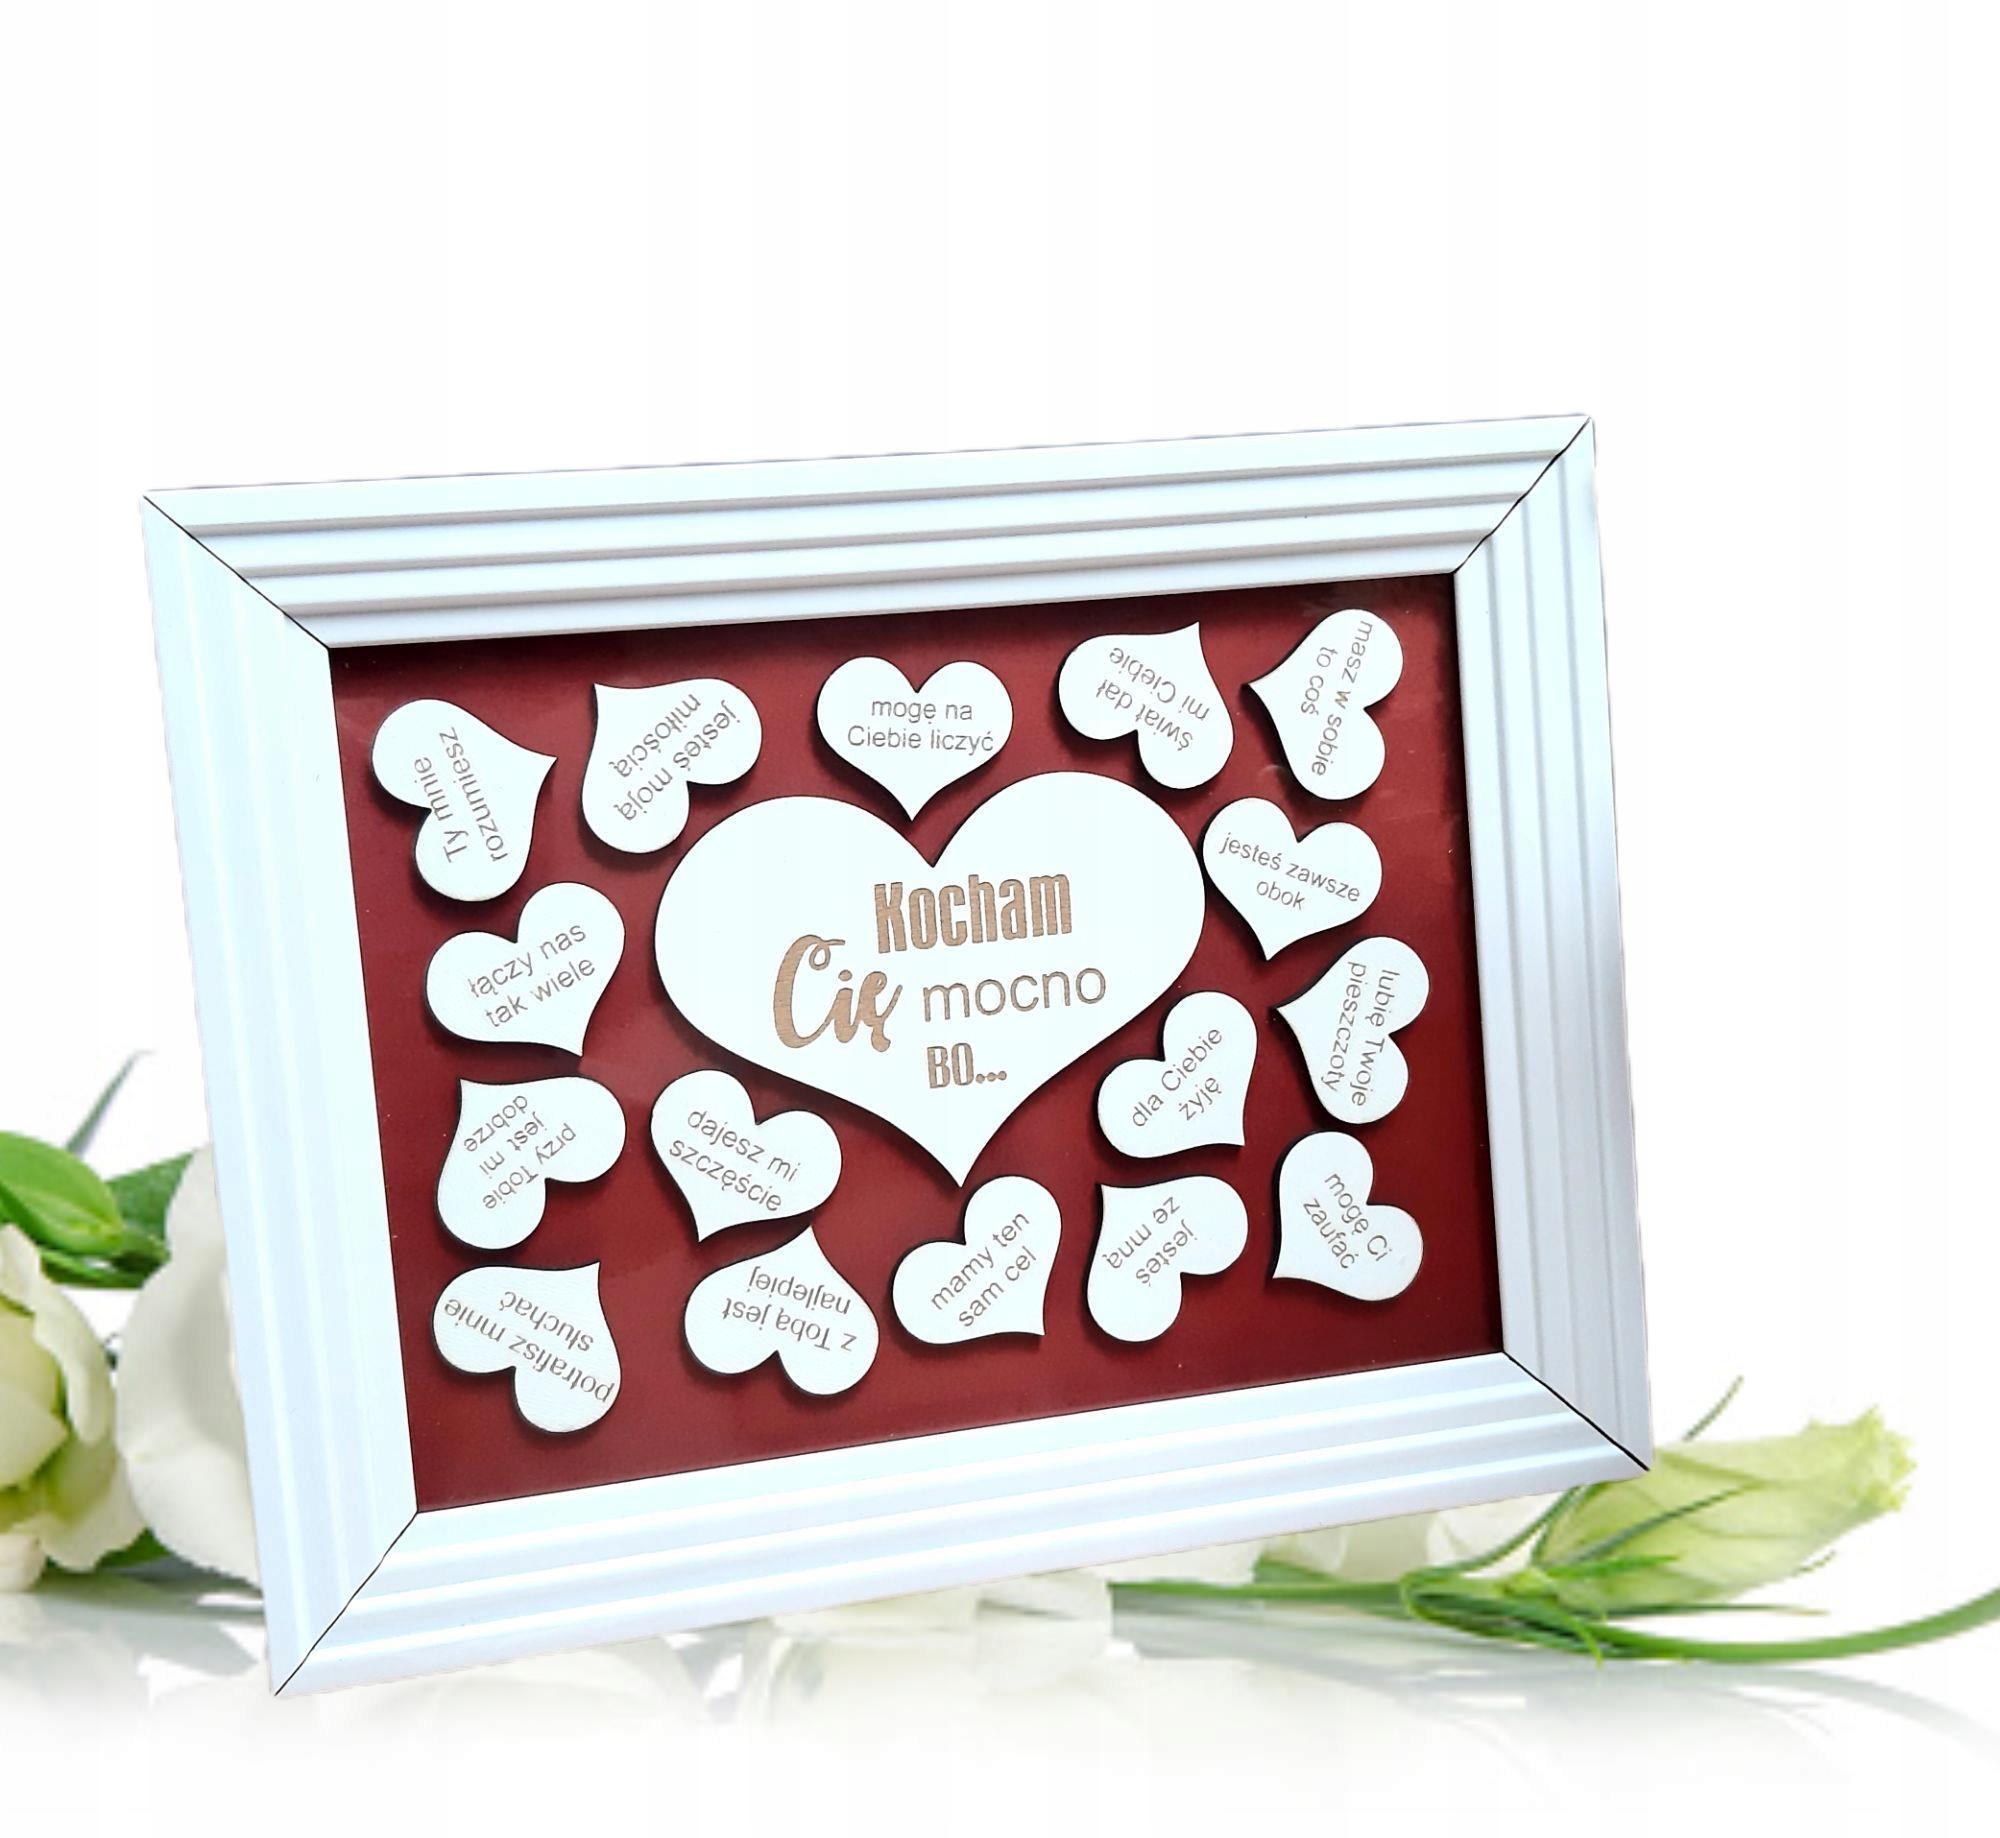 Я так тебя люблю, потому что ... РАМКА * гравюра ко Дню святого Валентина